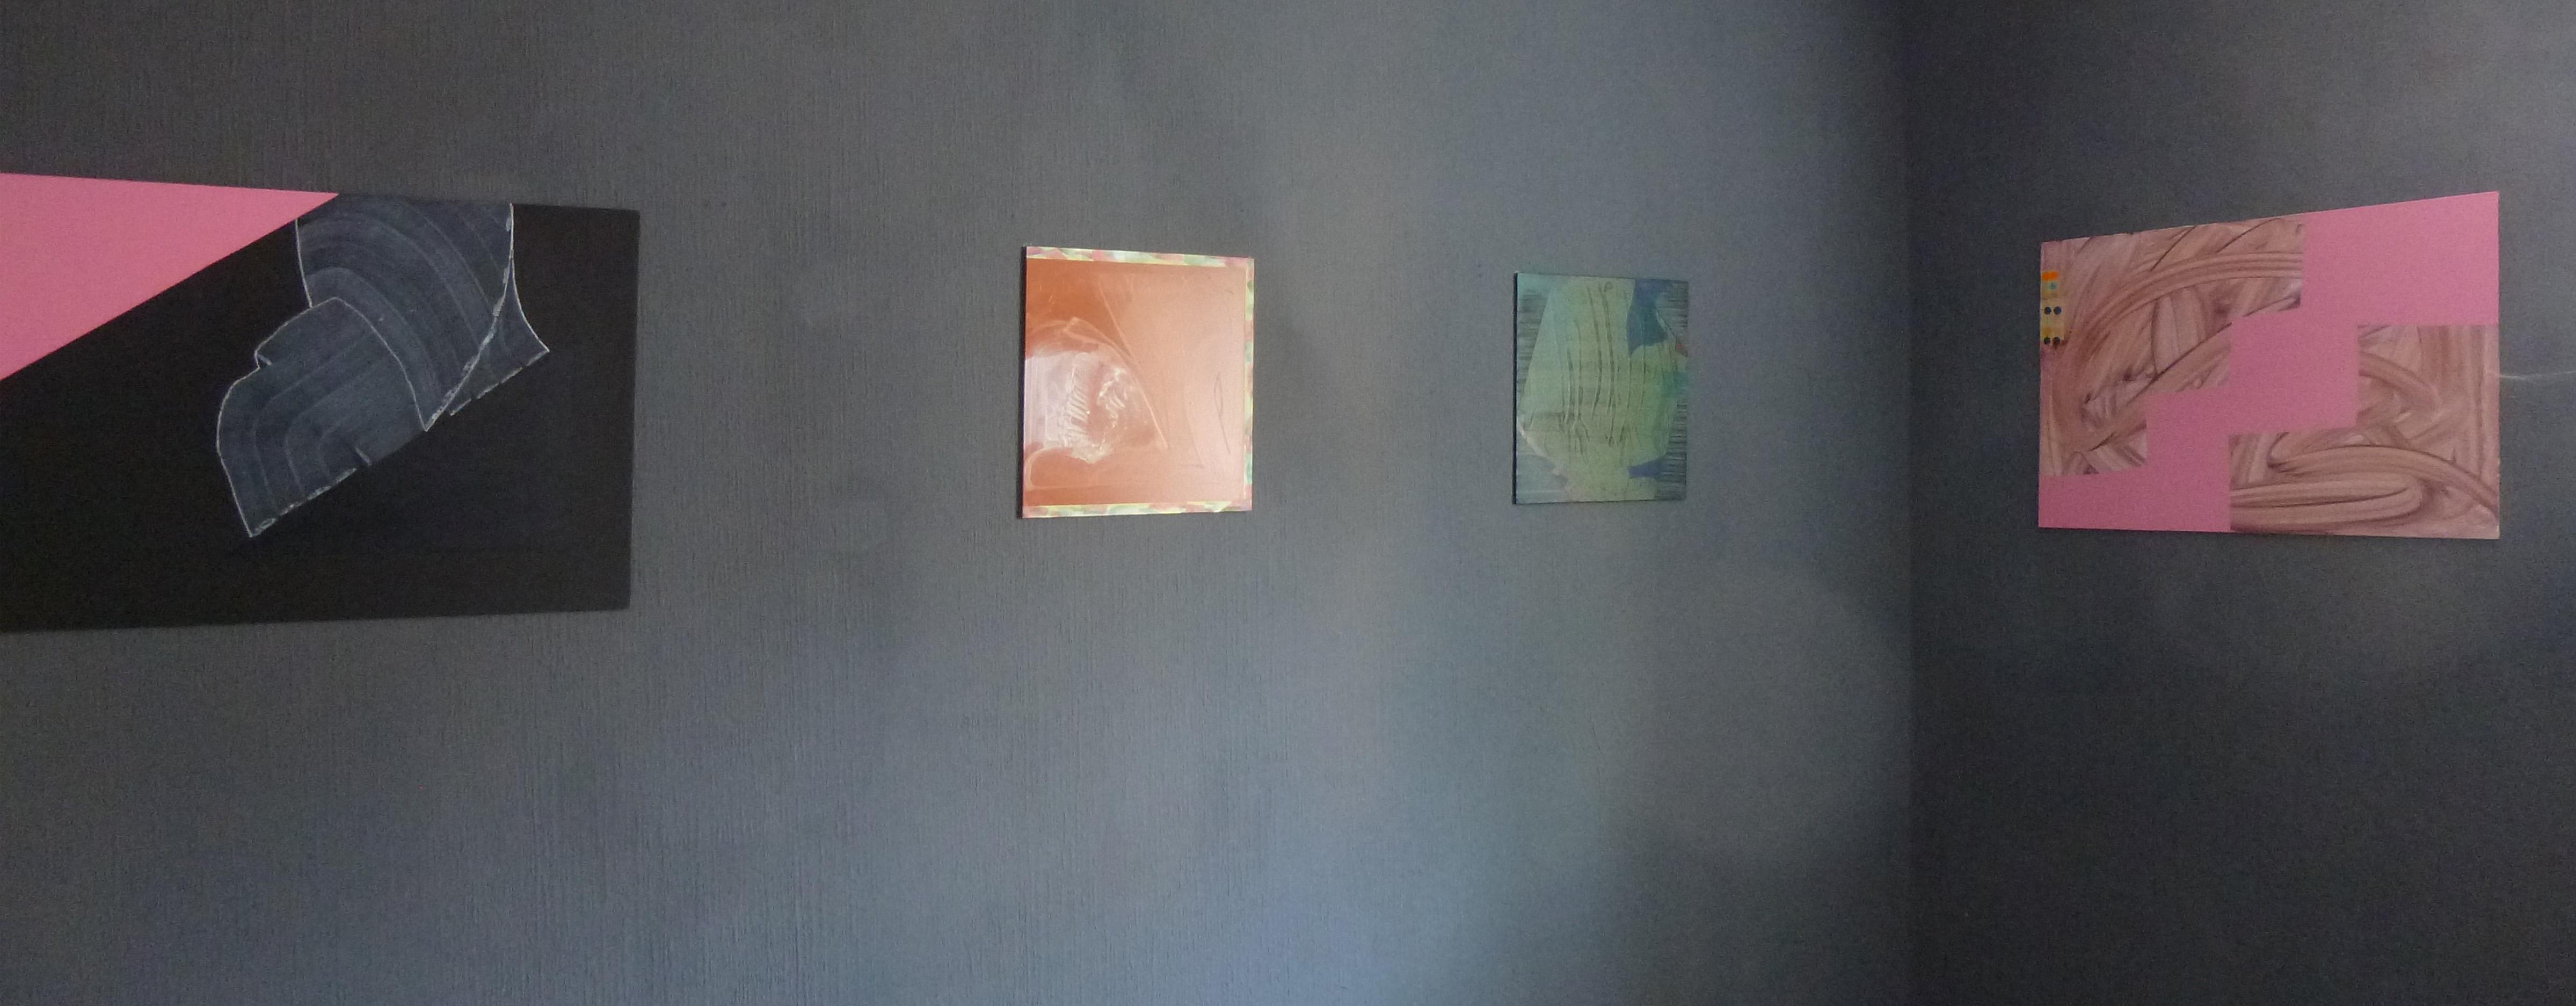 Top Floor Gallery